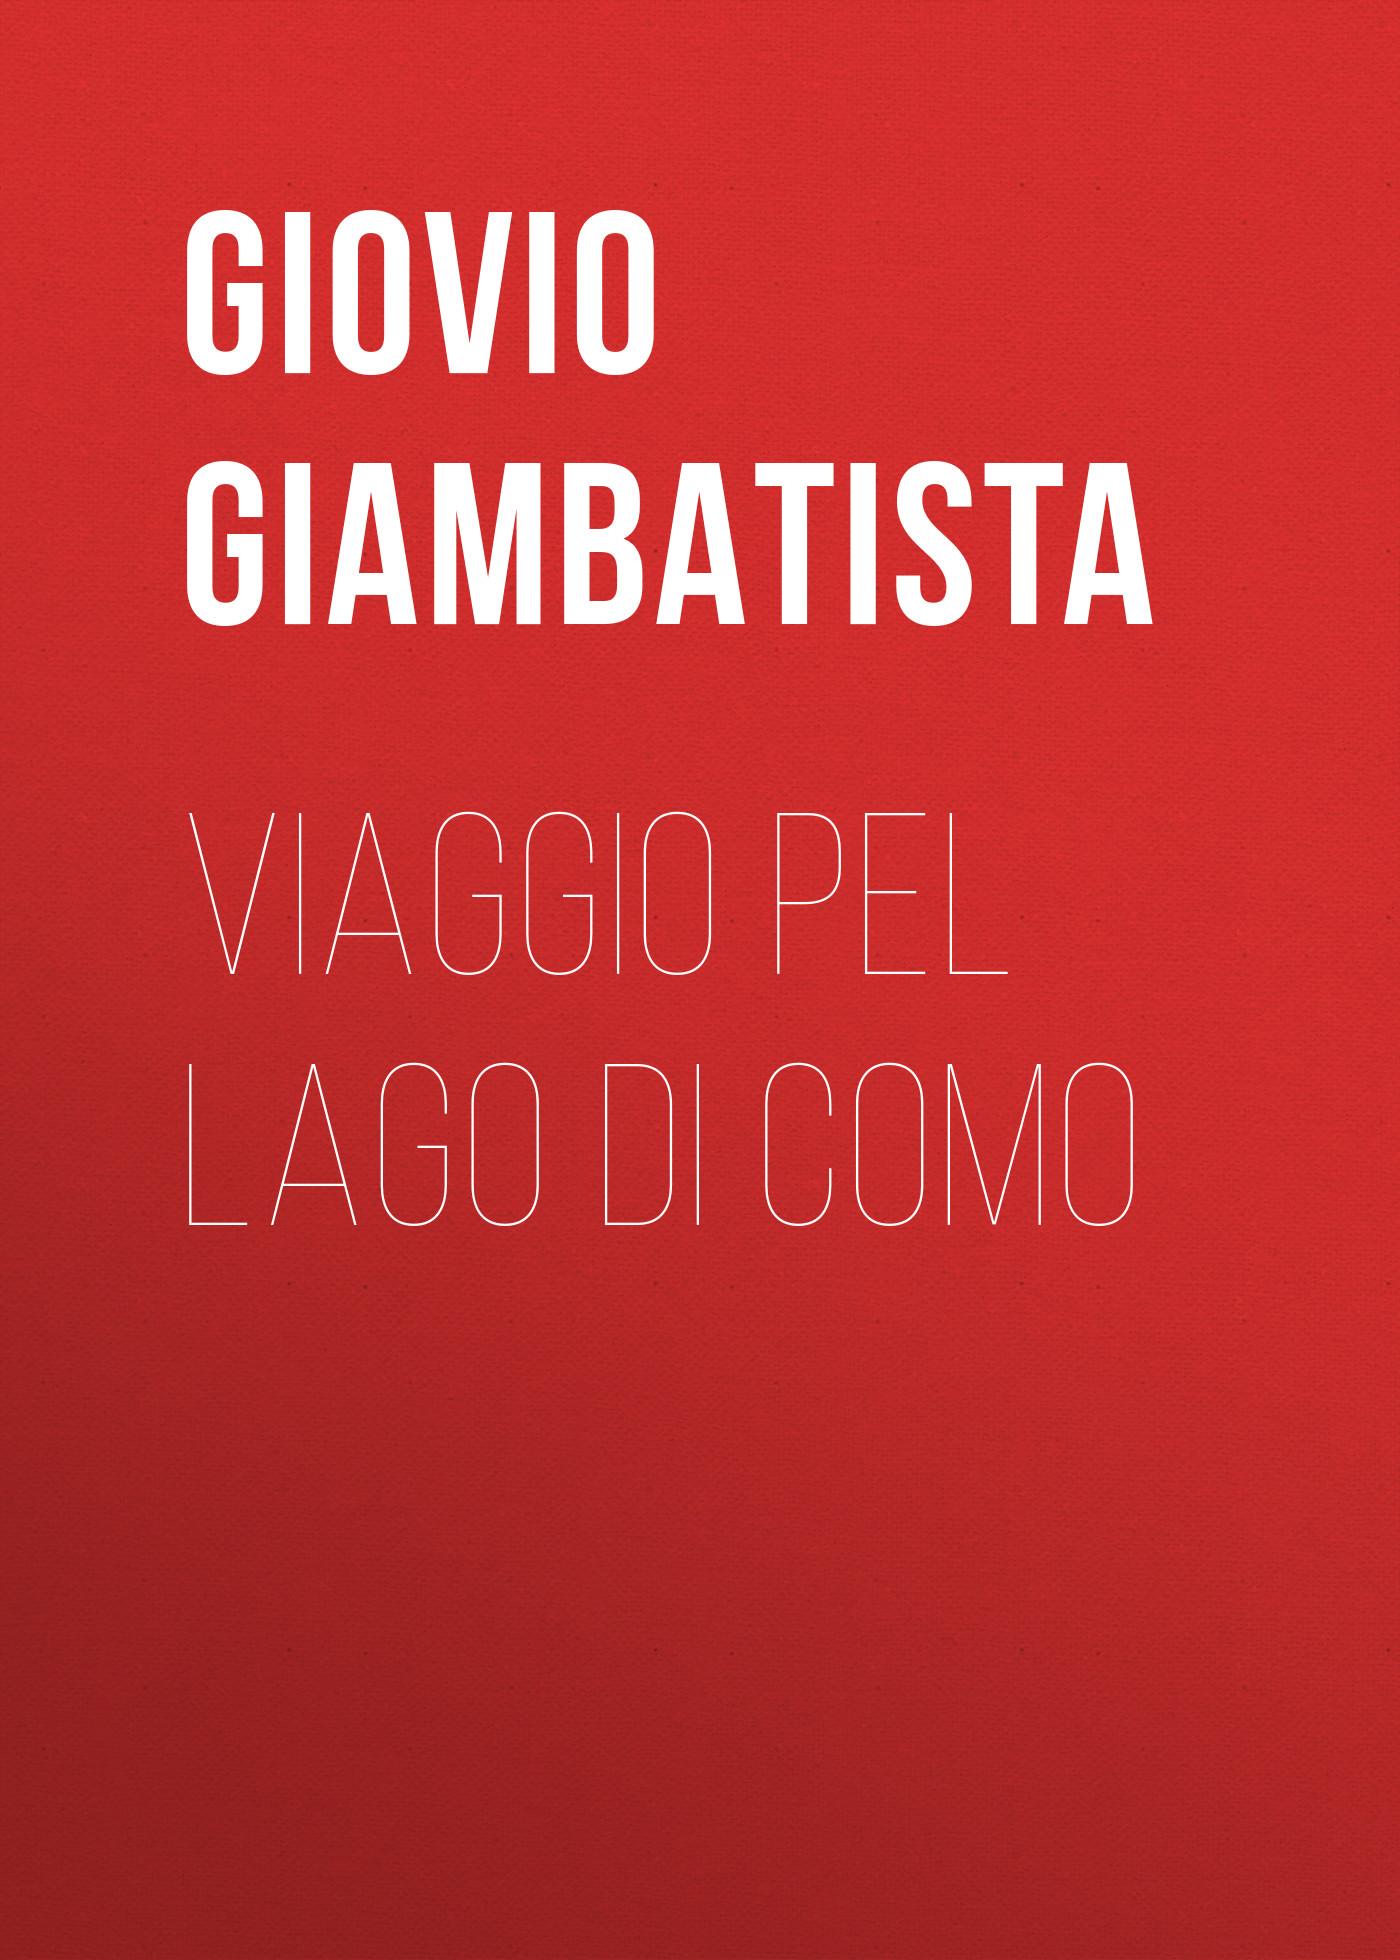 Giovio Giambatista Viaggio pel lago di Como top 10 viaggio di nozze